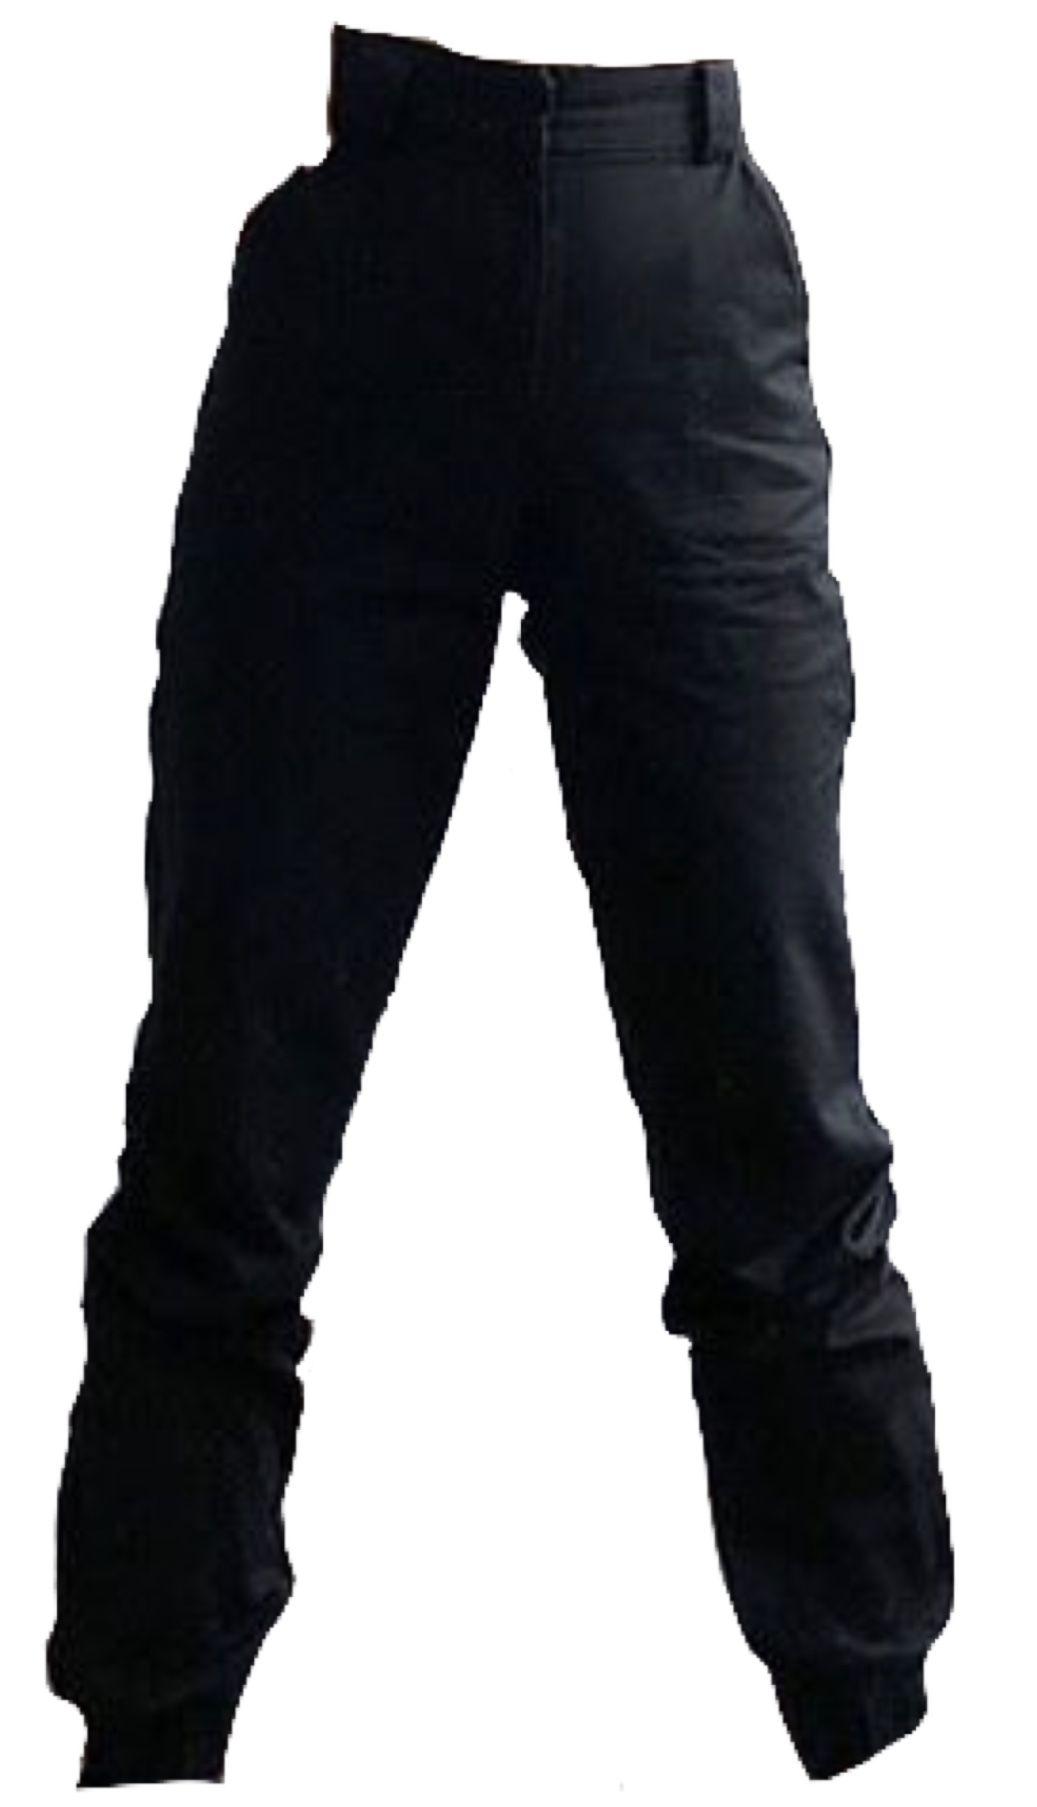 Black Cargo Pants Png Black Cargo Pants Pants Fashion Pants